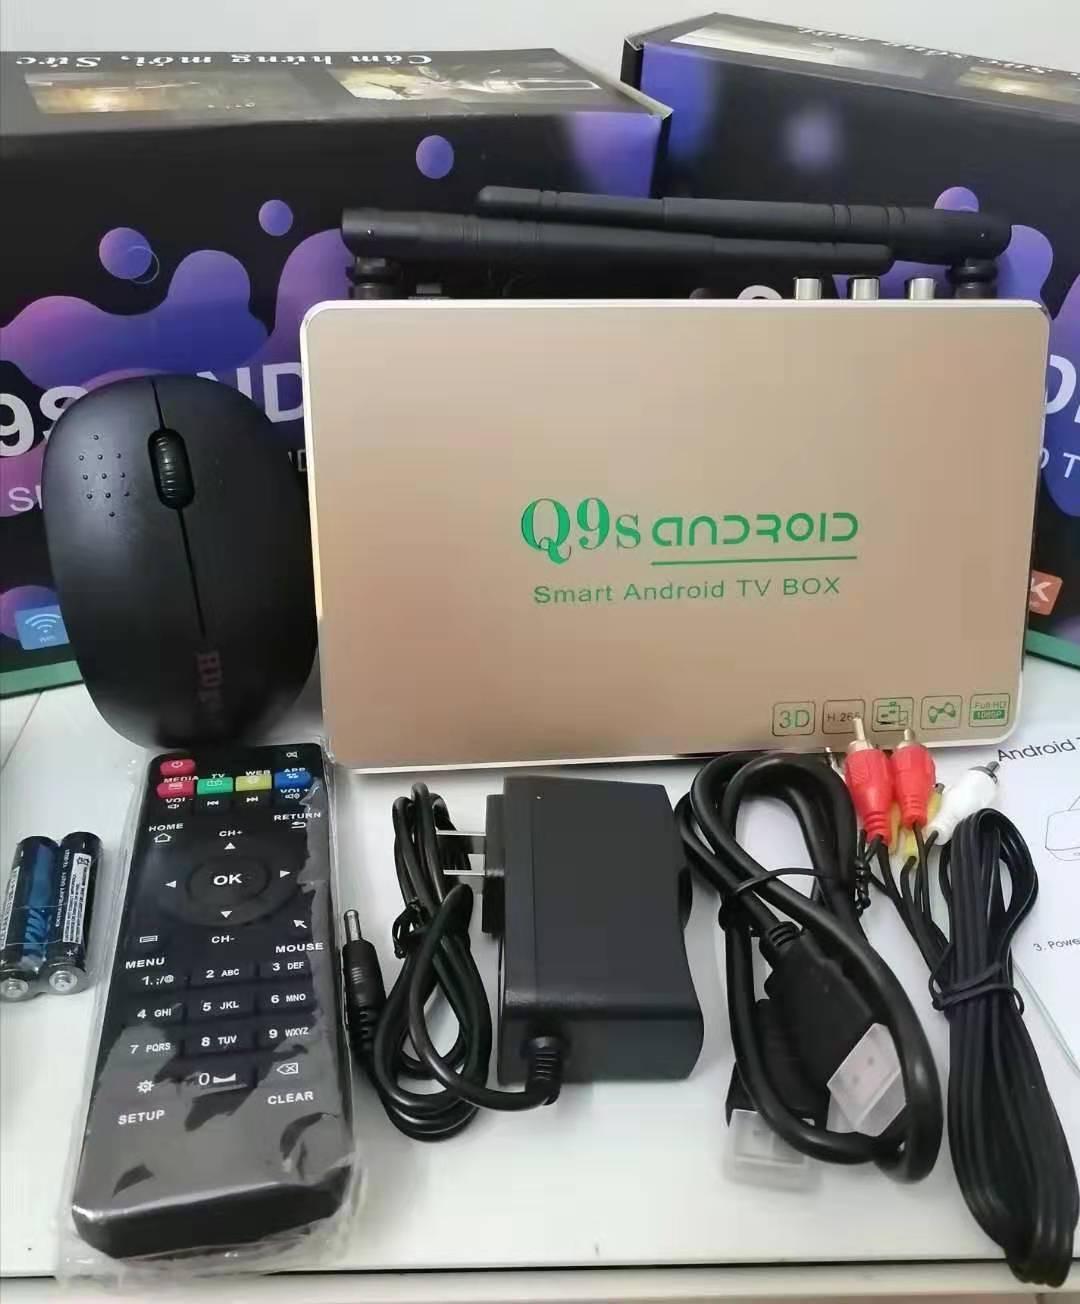 Android Box Q9s Ram 1GB Biến TV Thành Smart TV -TẶNG CHUỘT QUANG KHÔNG DÂY Khuyến Mãi Sốc